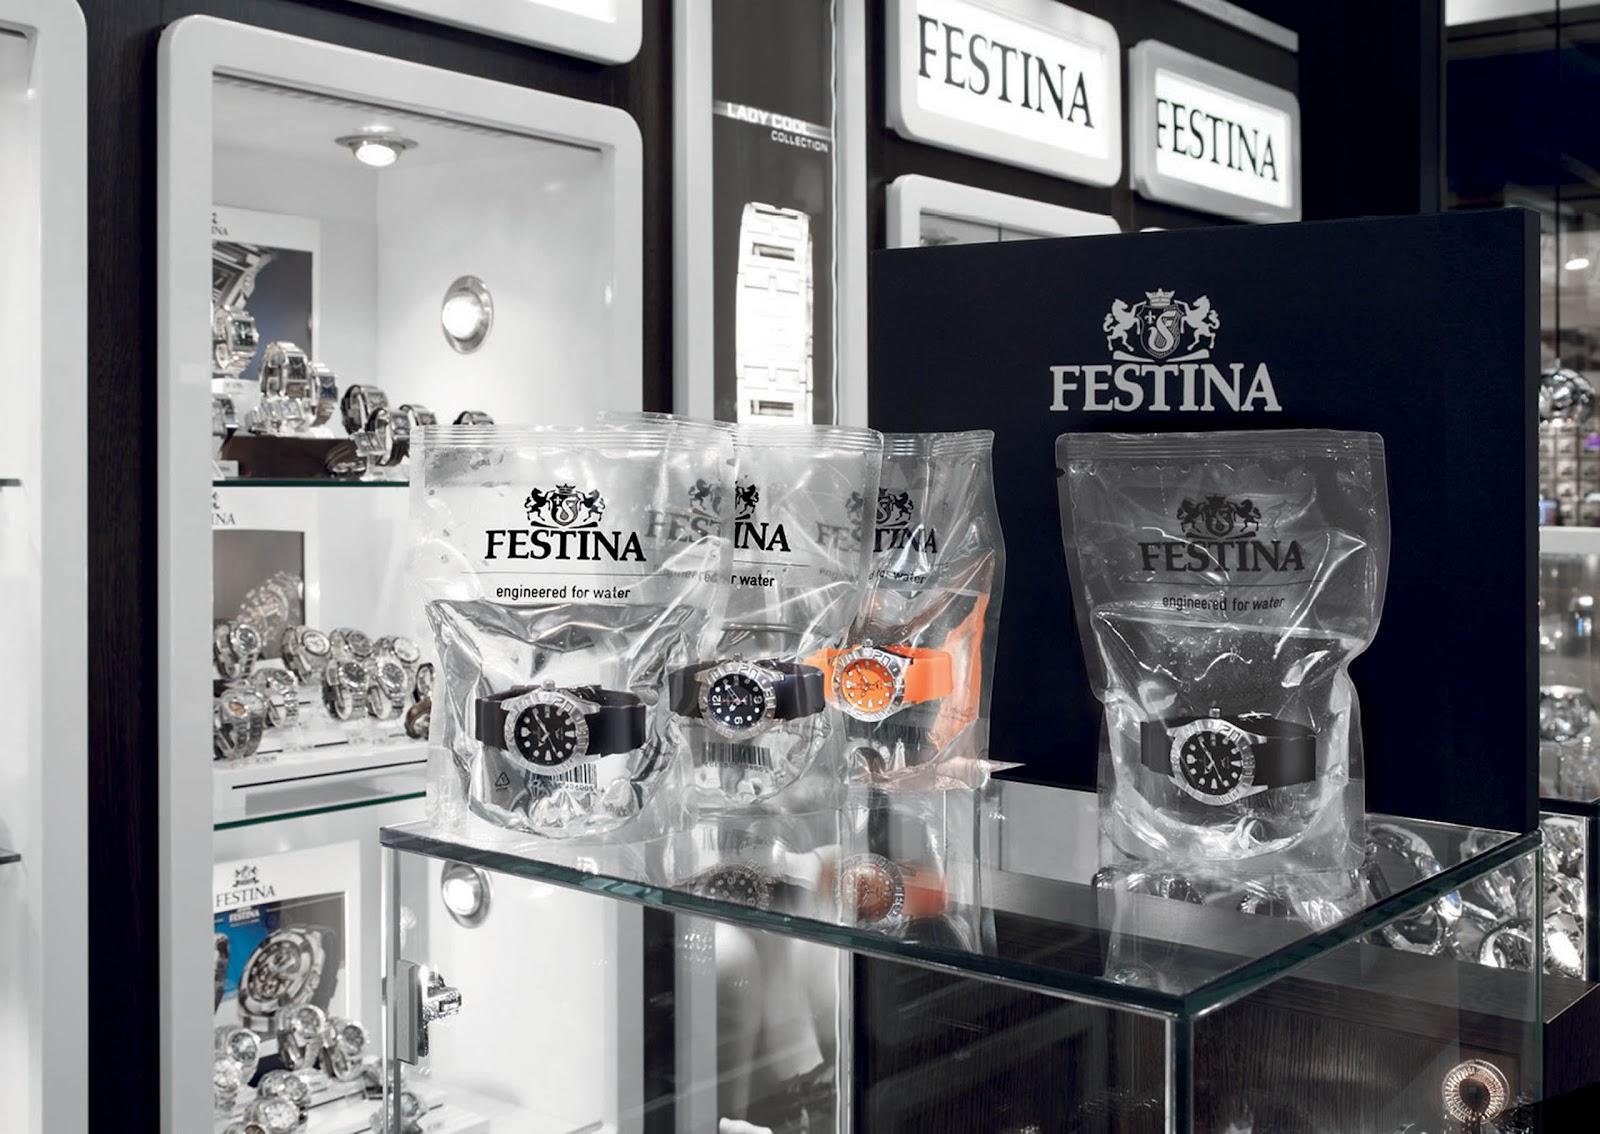 Voděodolné hodinky Festiva prodávané v sáčcích s vodou